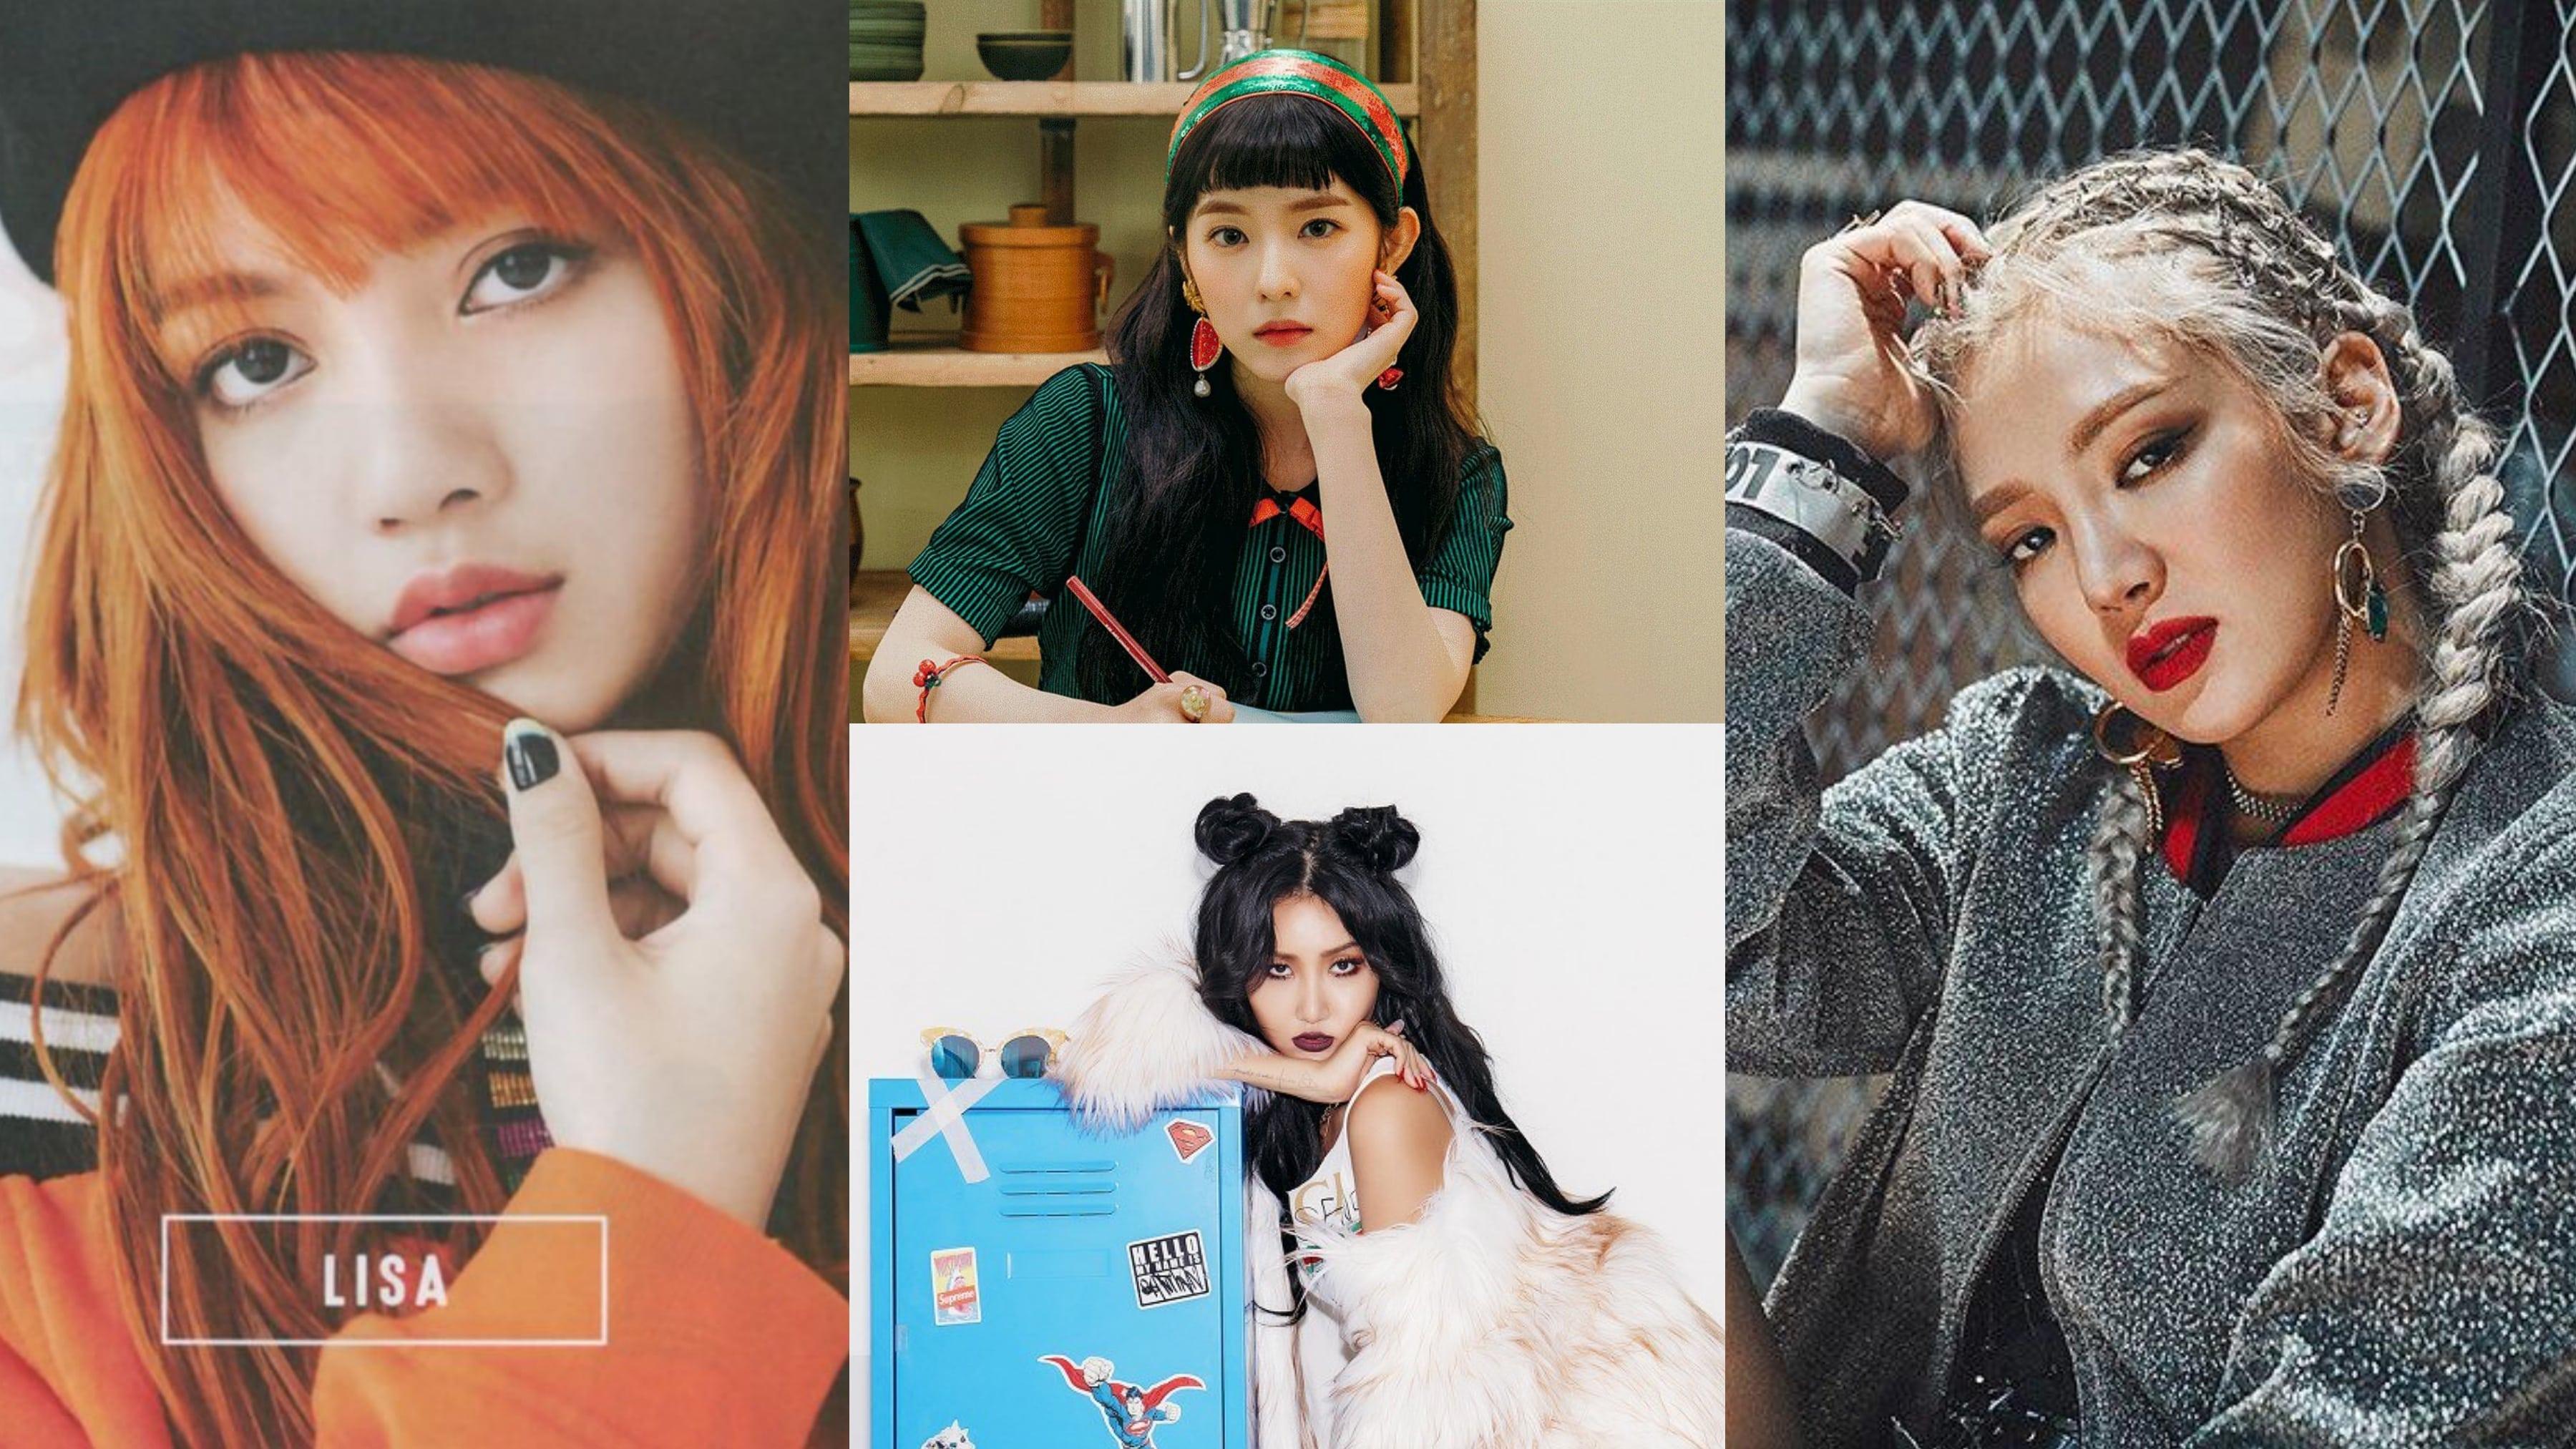 Học hỏi sao Hàn Quốc bắt kịp xu hướng thời trang đang ''làm mưa gió'' trong giới trẻ